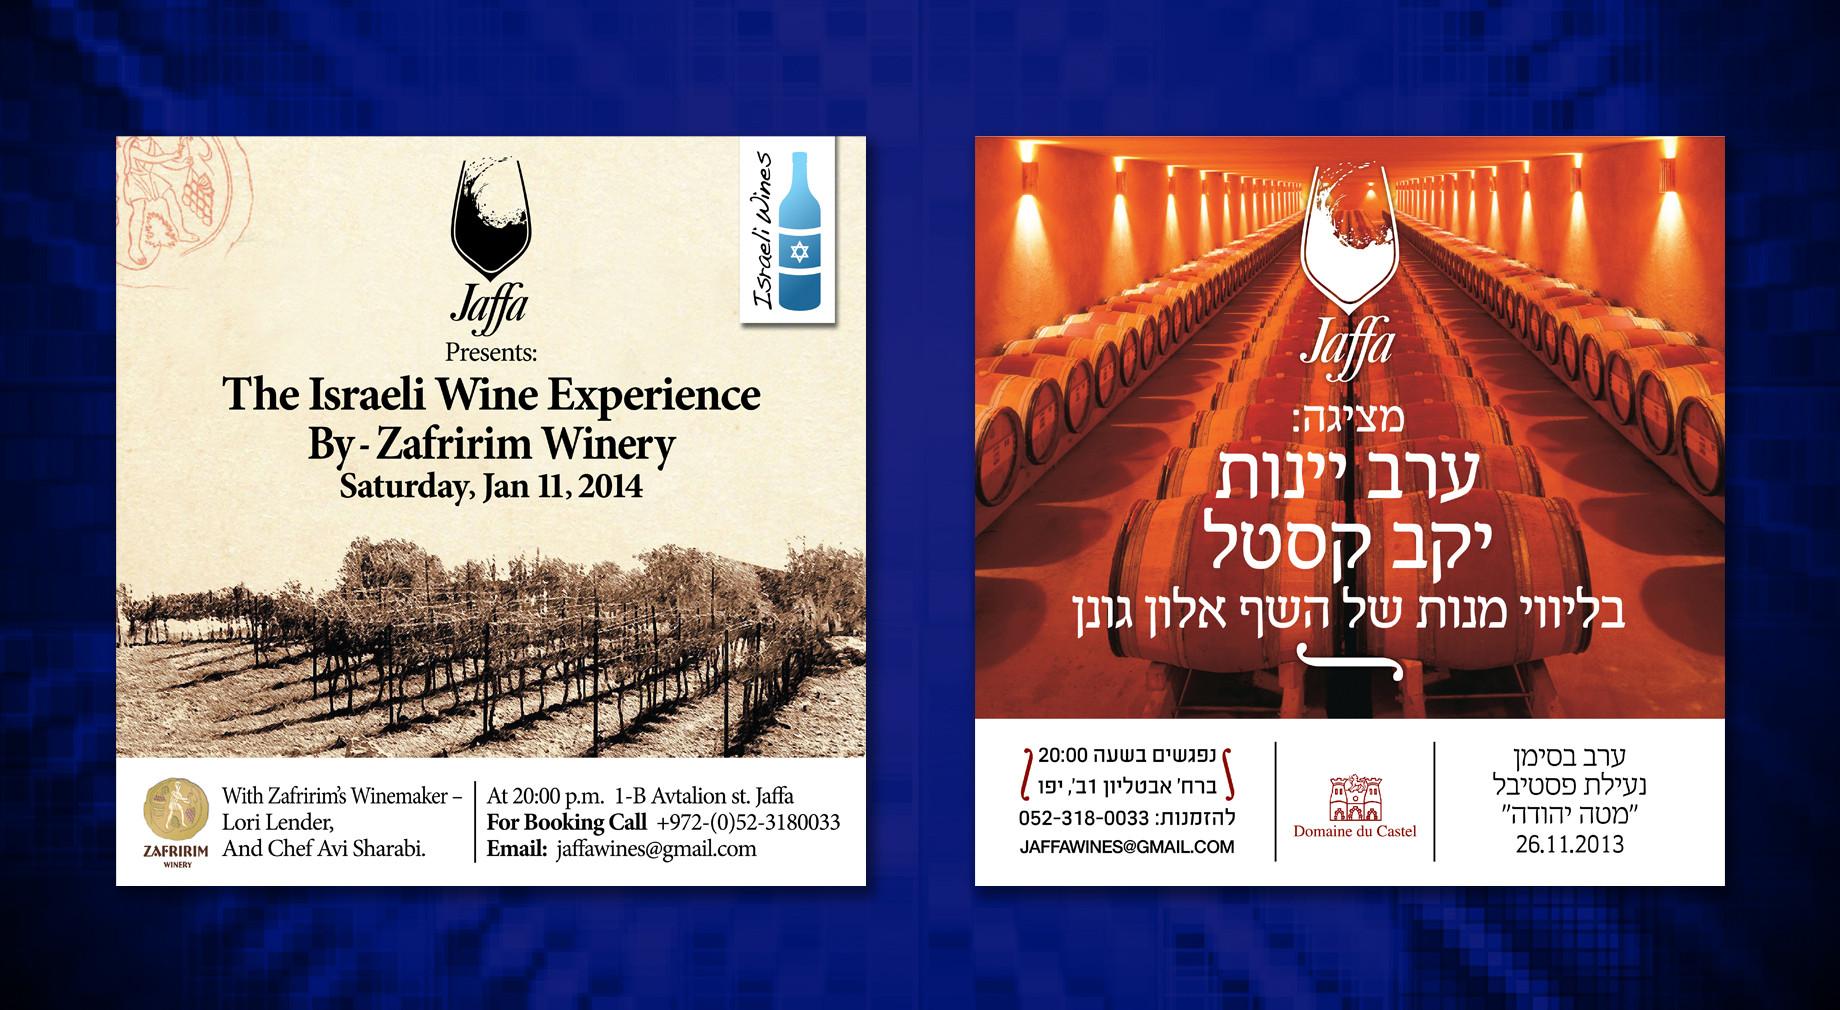 שני פרסומי הזמנה לערבי יין בפייסבוק